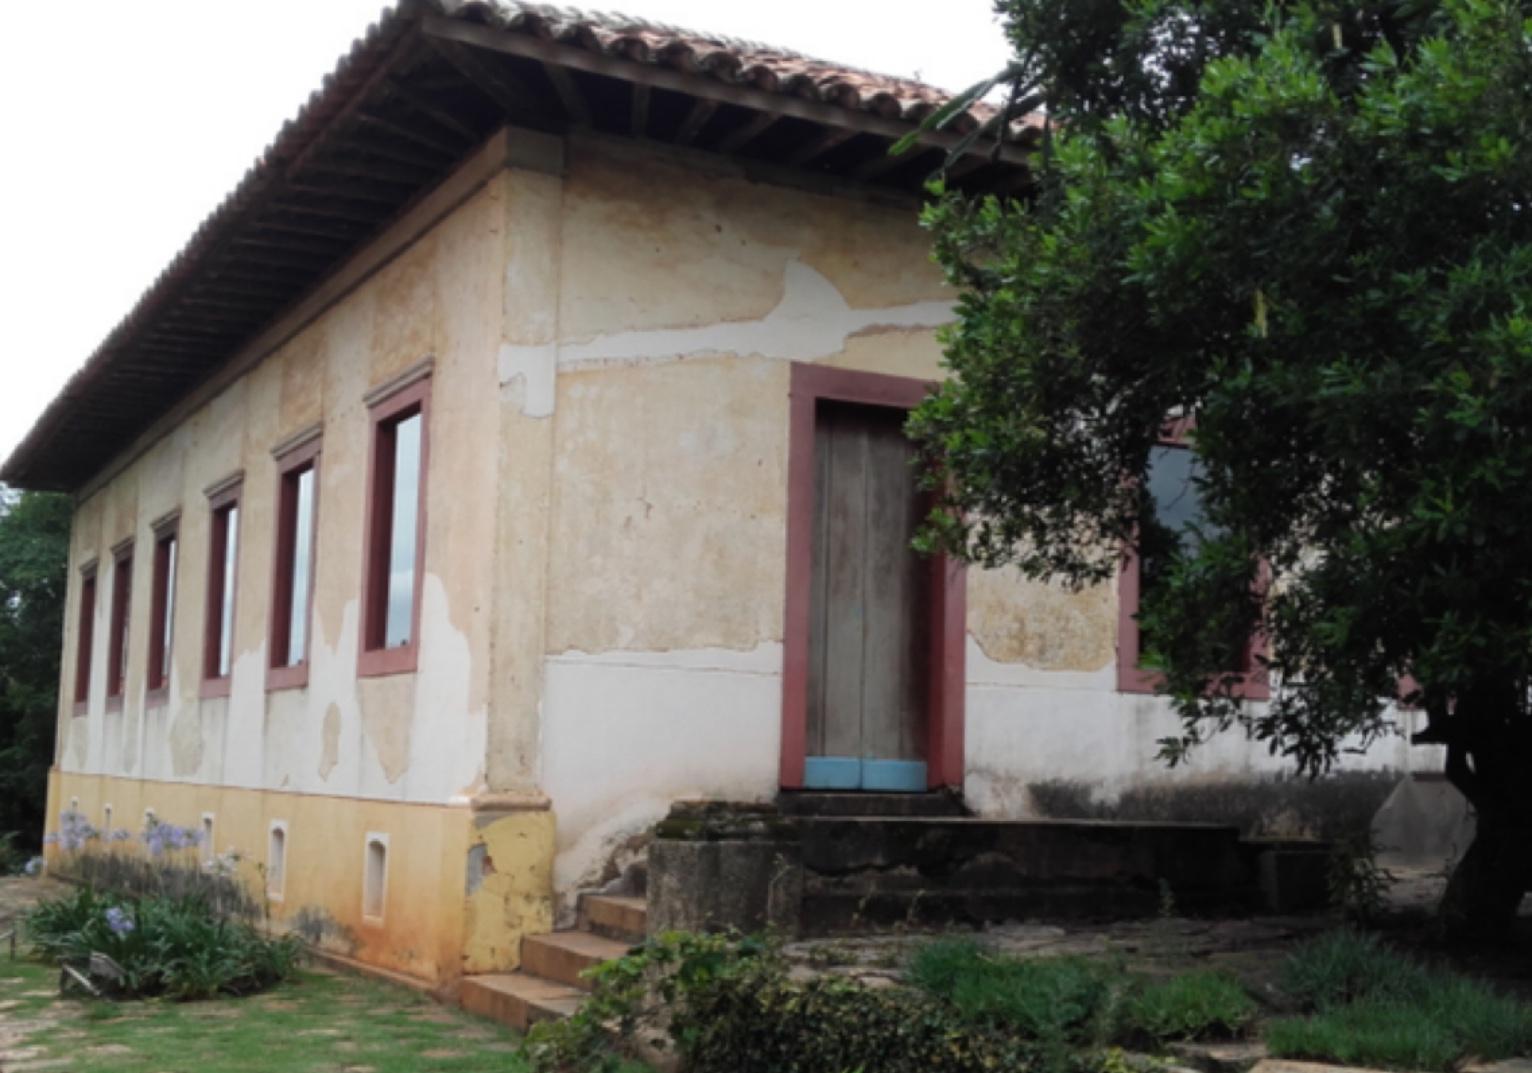 Casa Grande e Tulha, em Campinas, é tombada como Patrimônio Cultural do Brasil